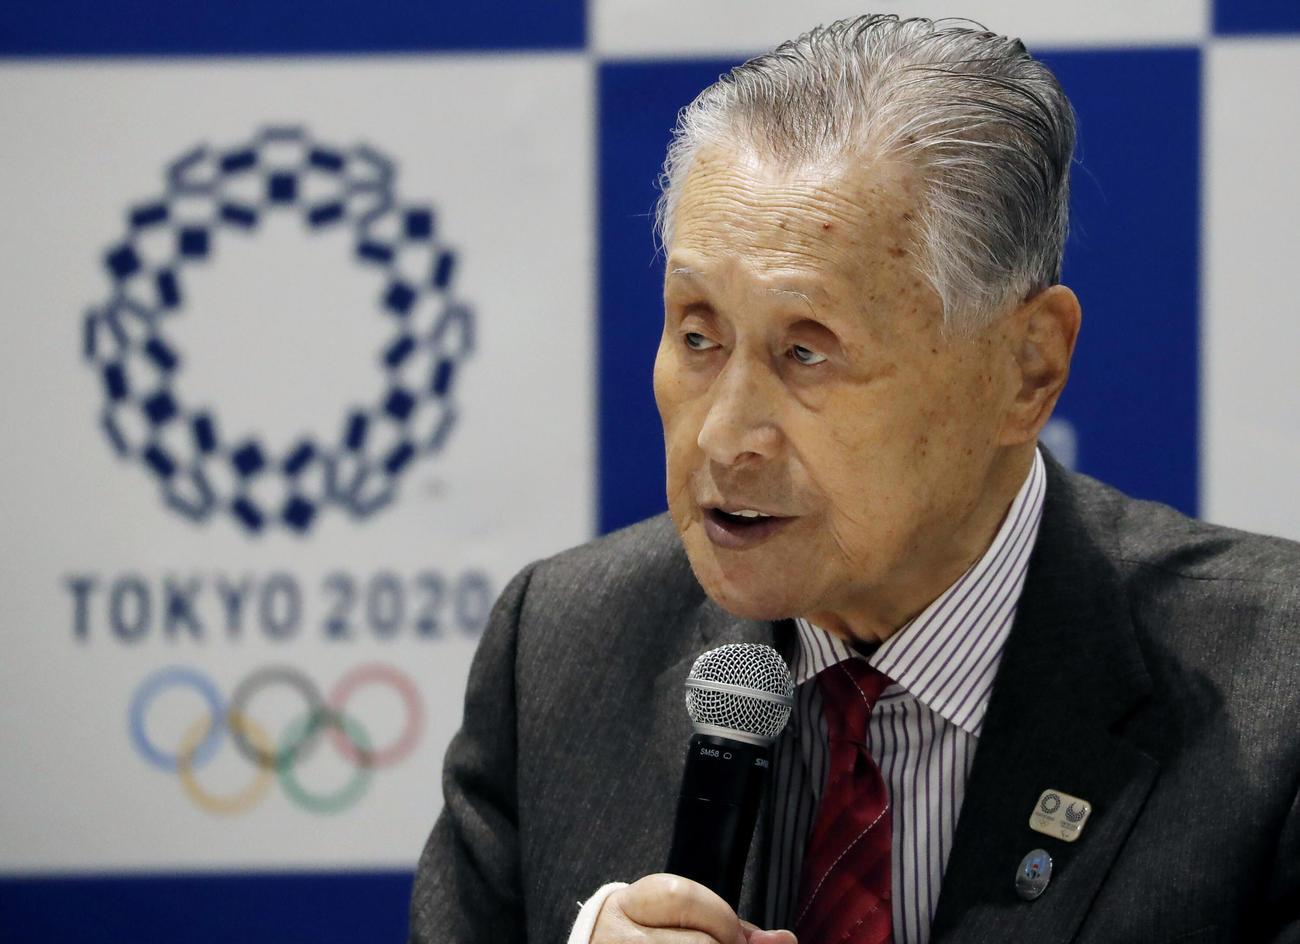 会見に臨む五輪組織委の森喜朗会長(AP)